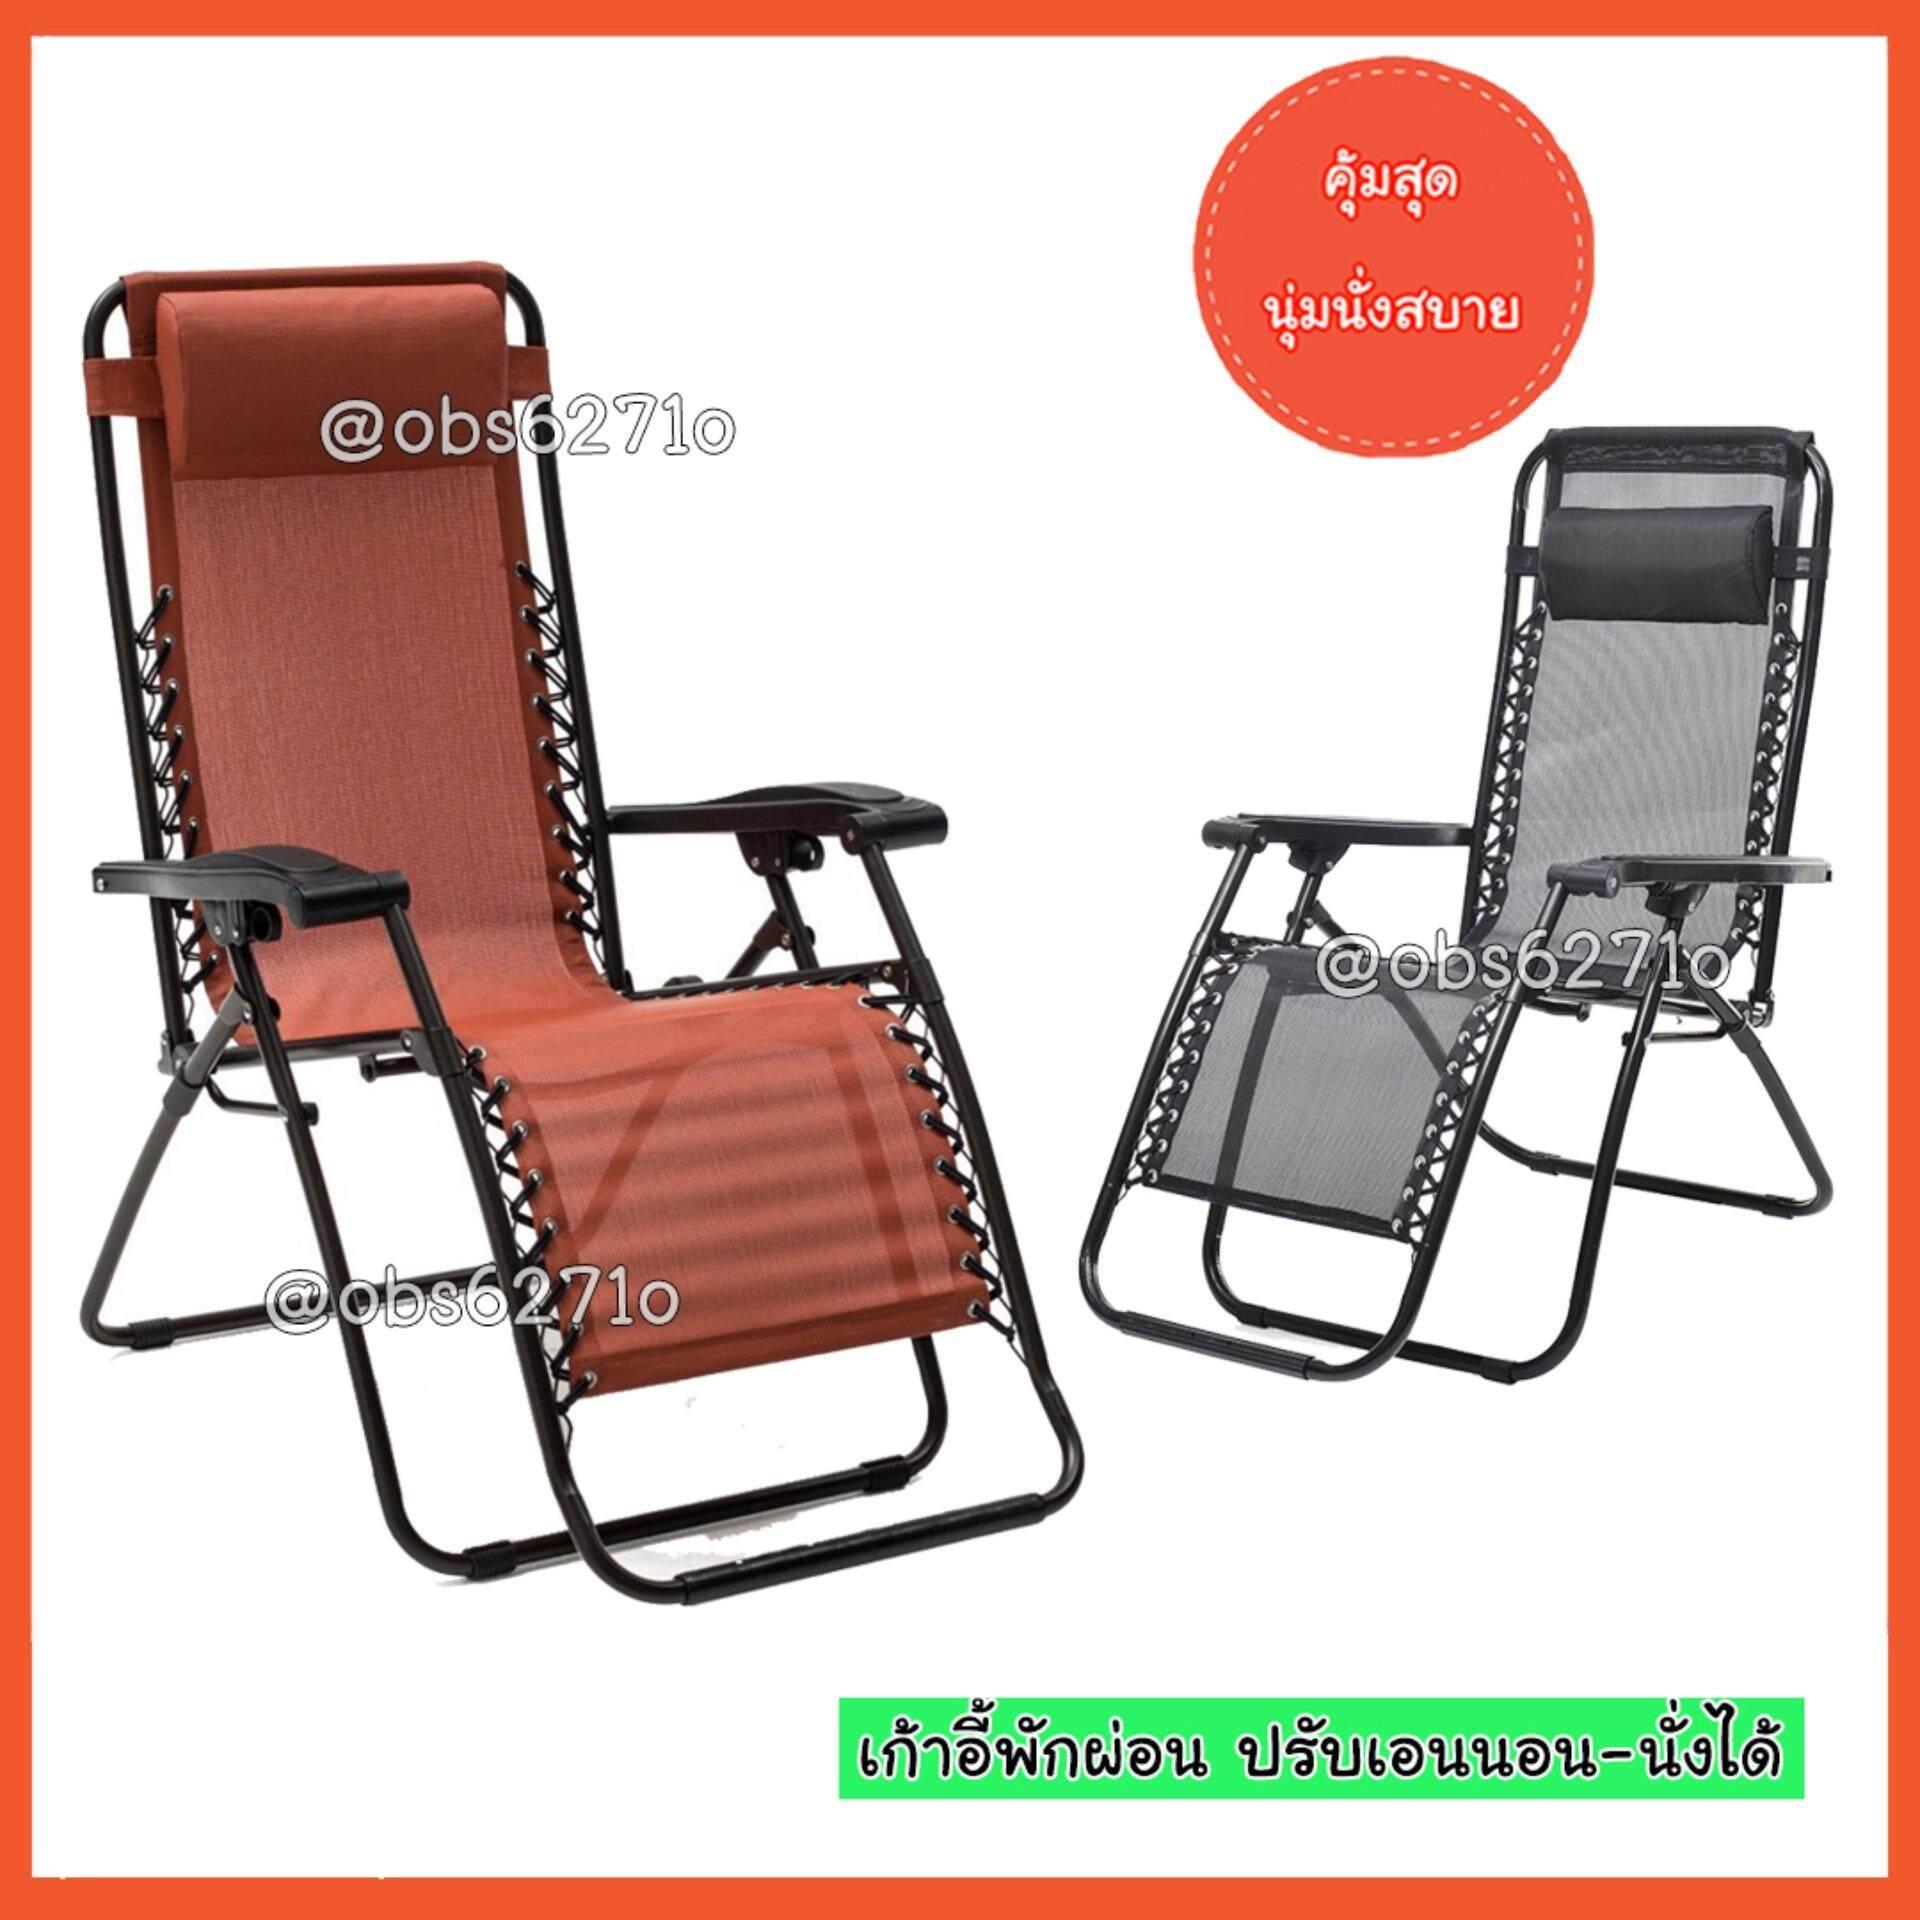 เก้าอี้พักผ่อน ปรับนอนได้ เก้าอี้ปรับเอนนอน เก้าอี้พับได้ นุ่มสบายหลัง By Mildbabytoys.